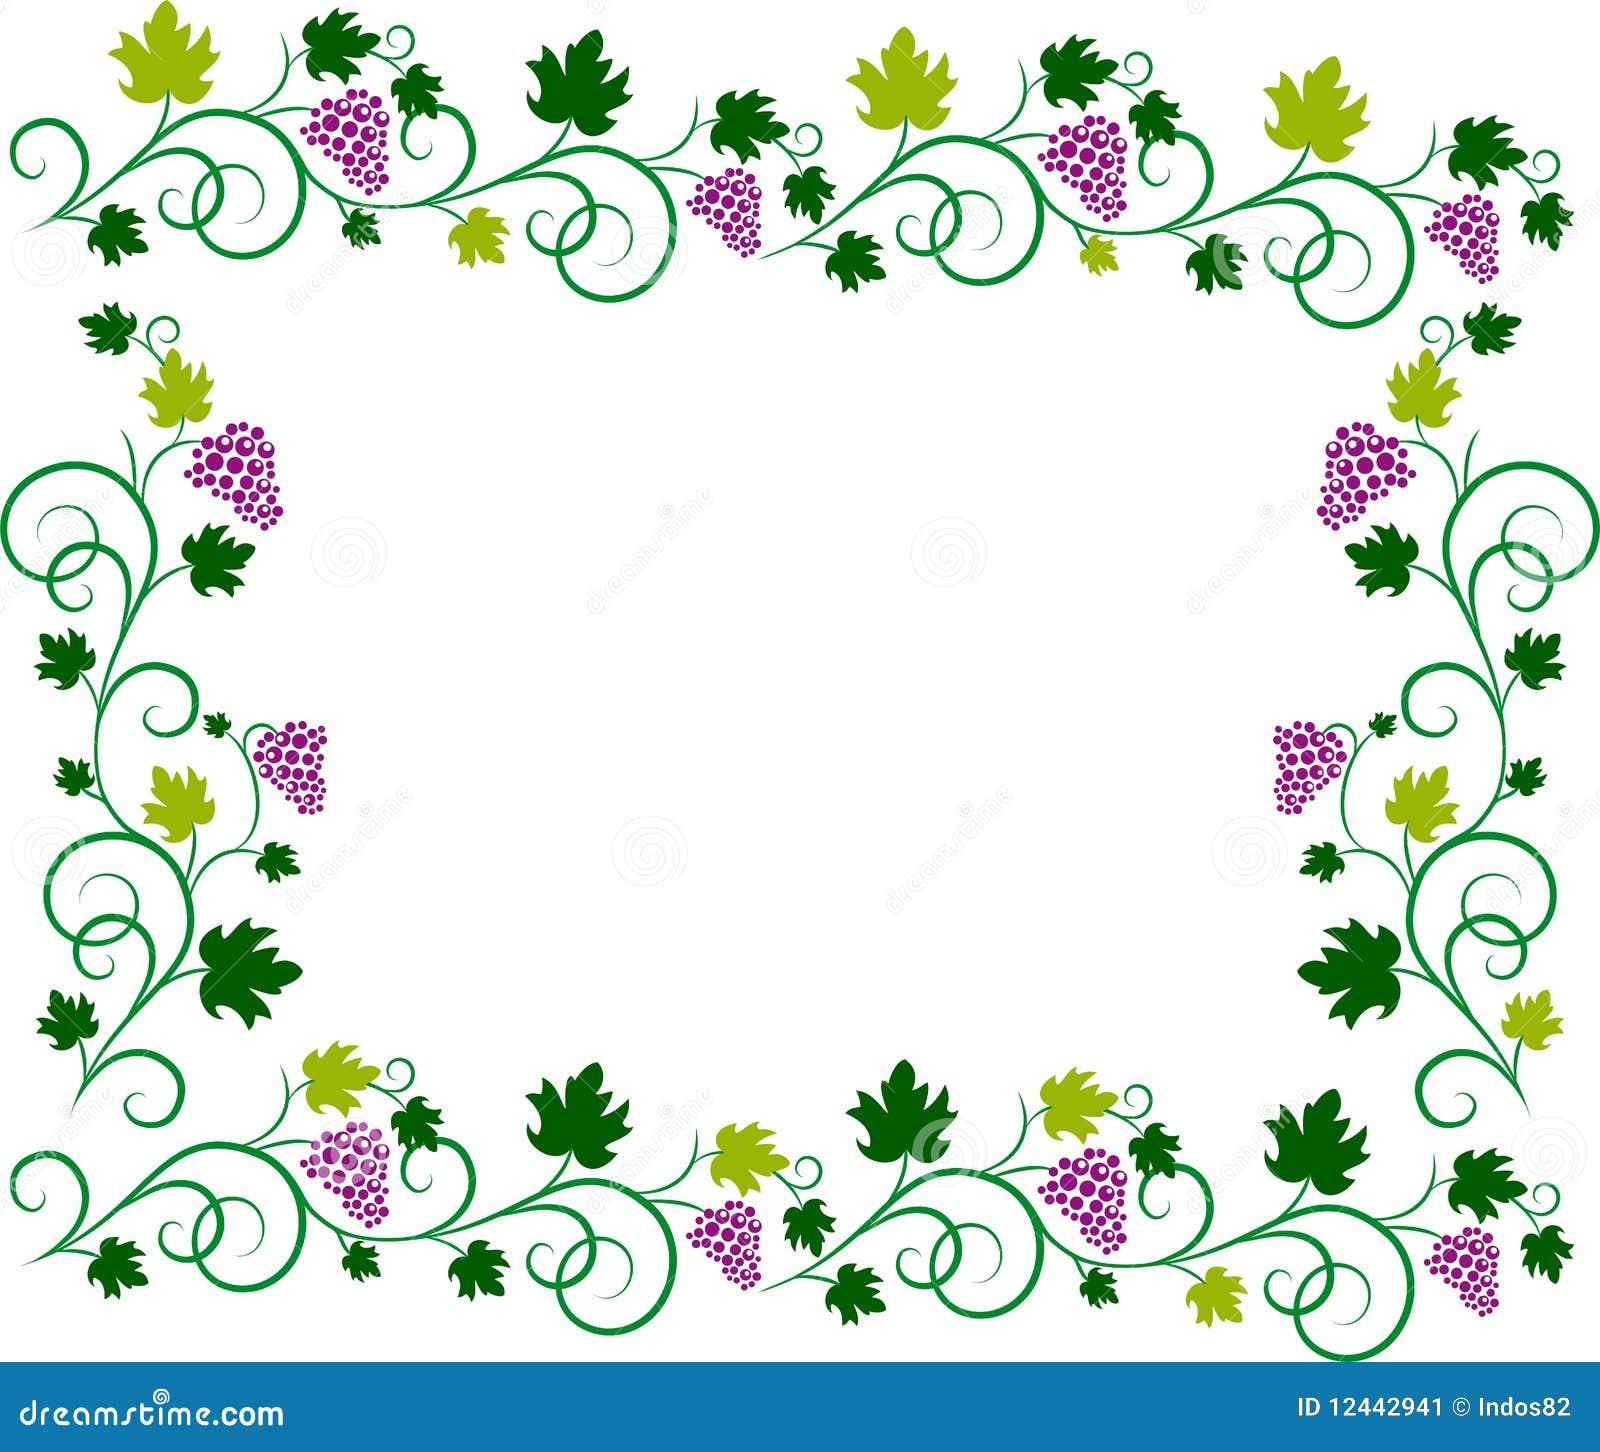 Vine Frame Stock Image - Image: 12442941 Flower Vine Clipart